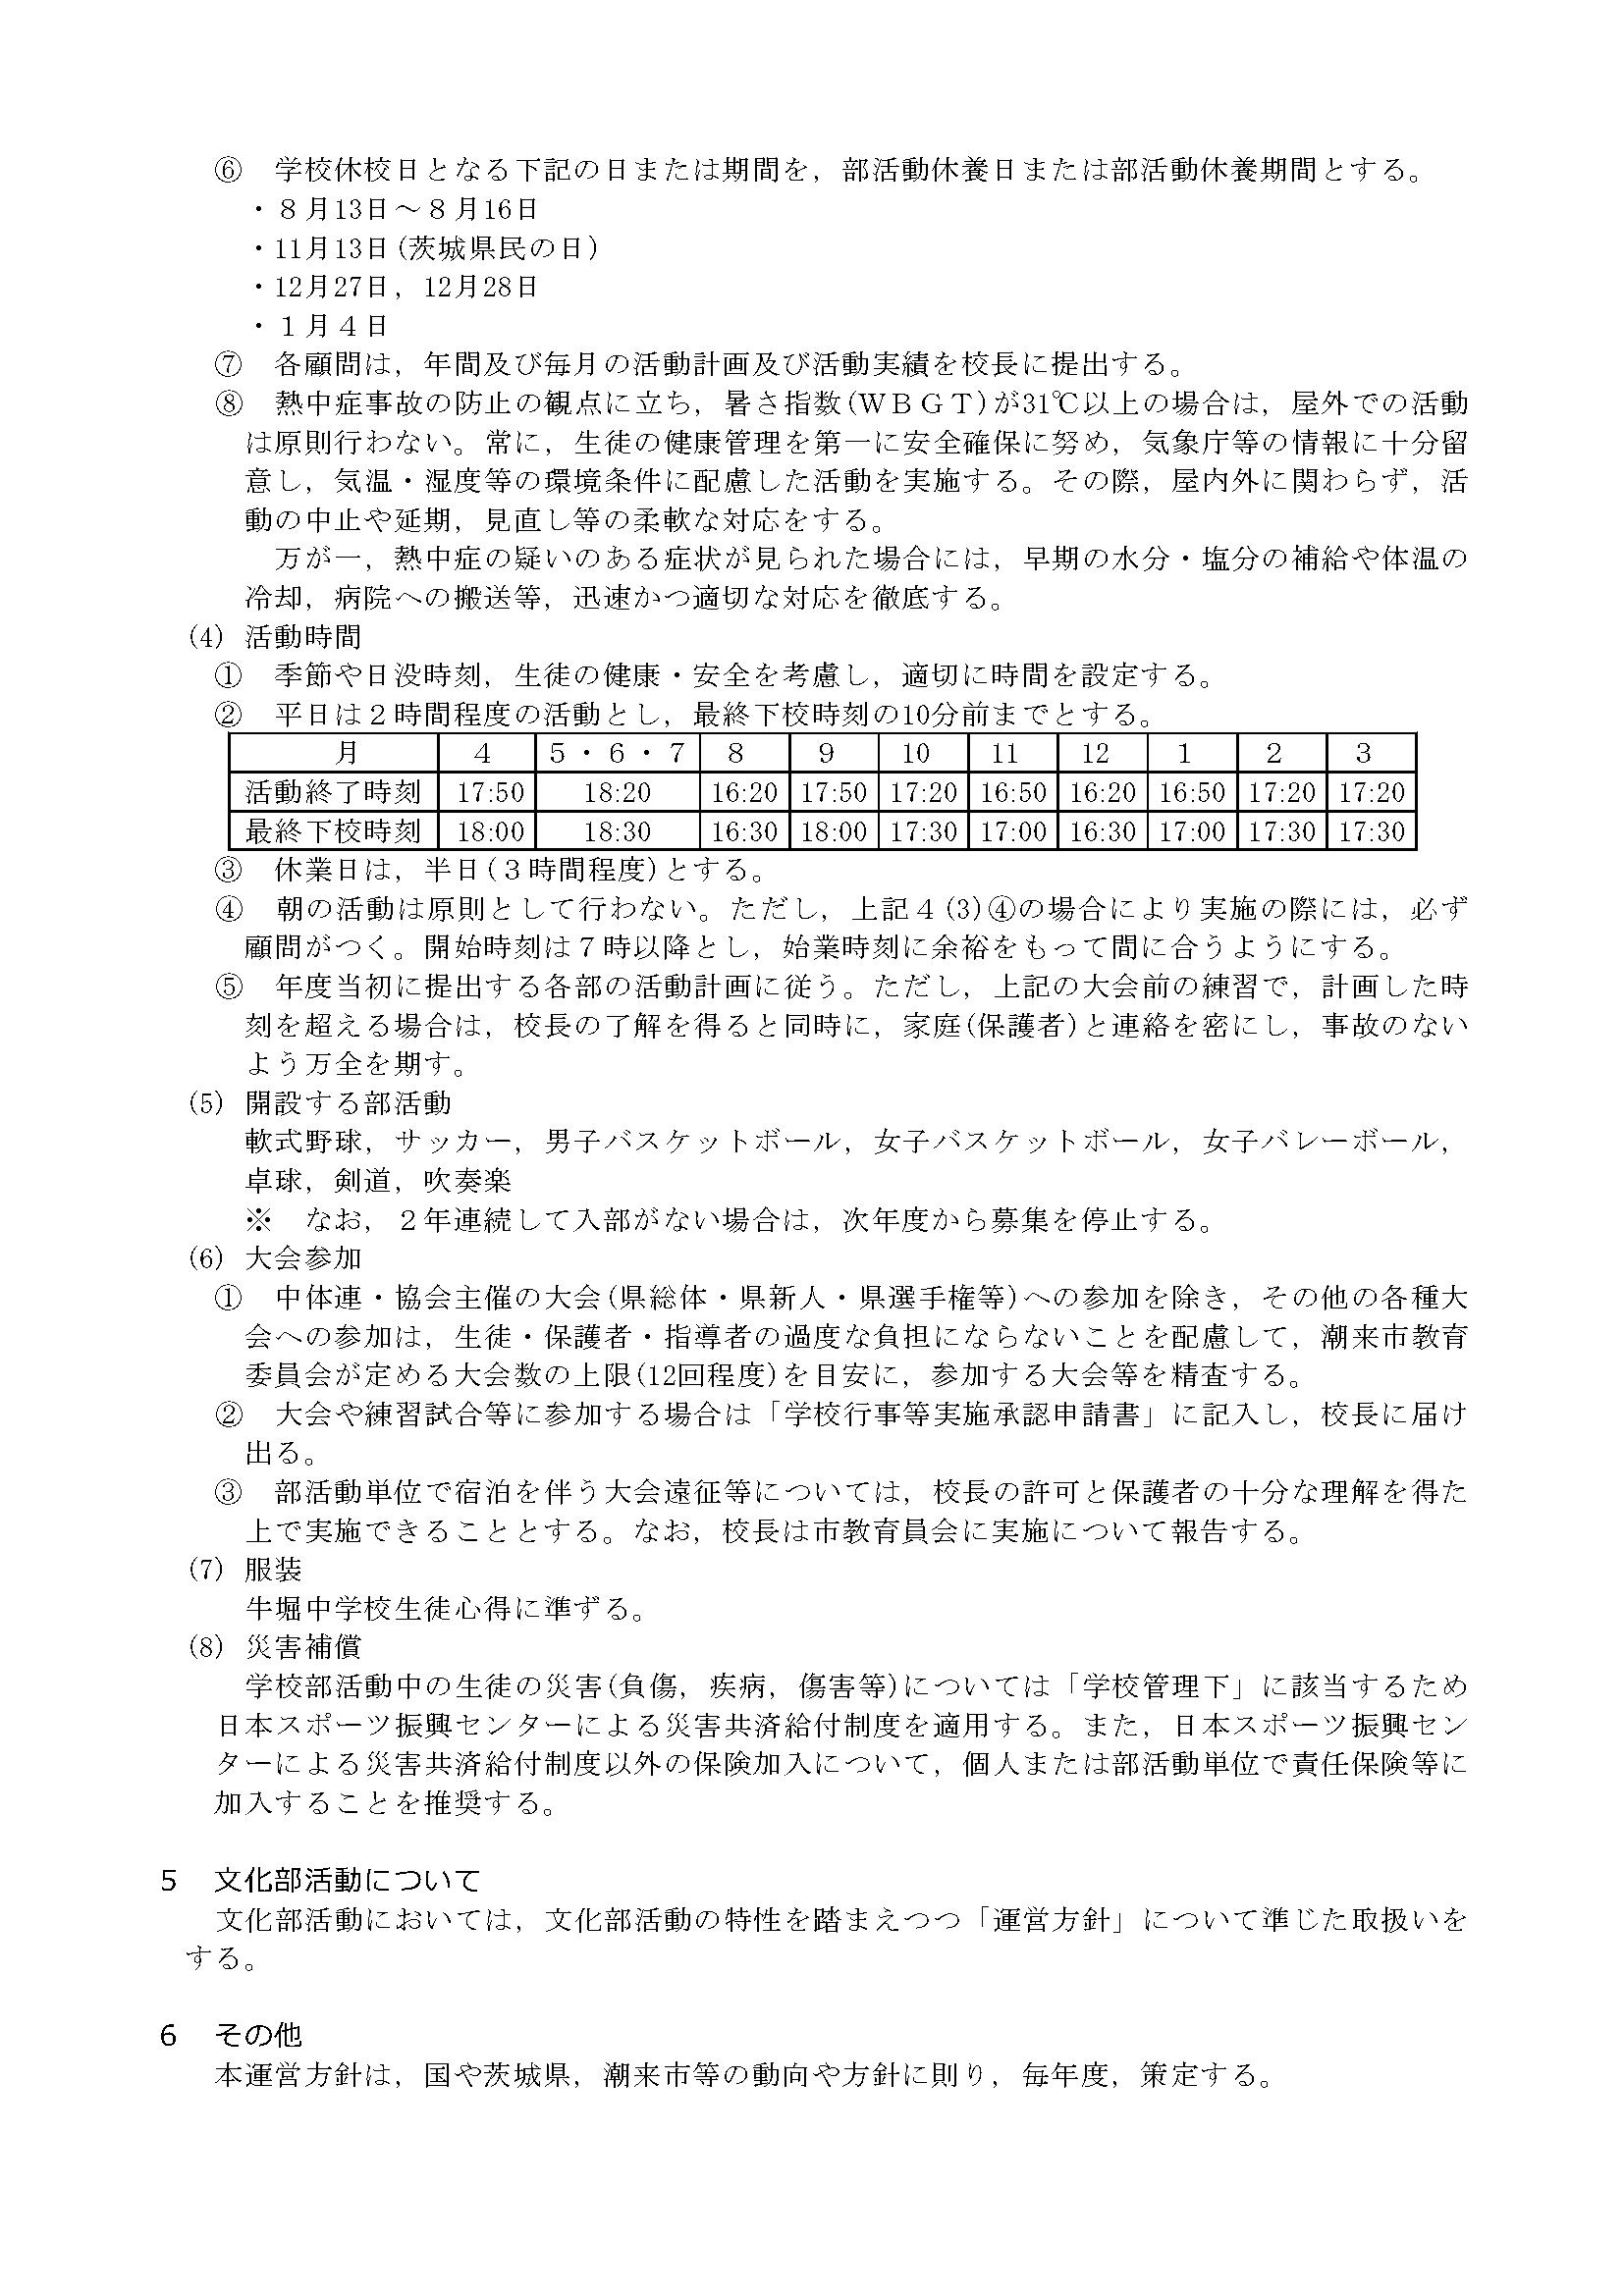 潮来市立牛堀中学校部活動運営方針_平成31年度4_1方針改訂_2